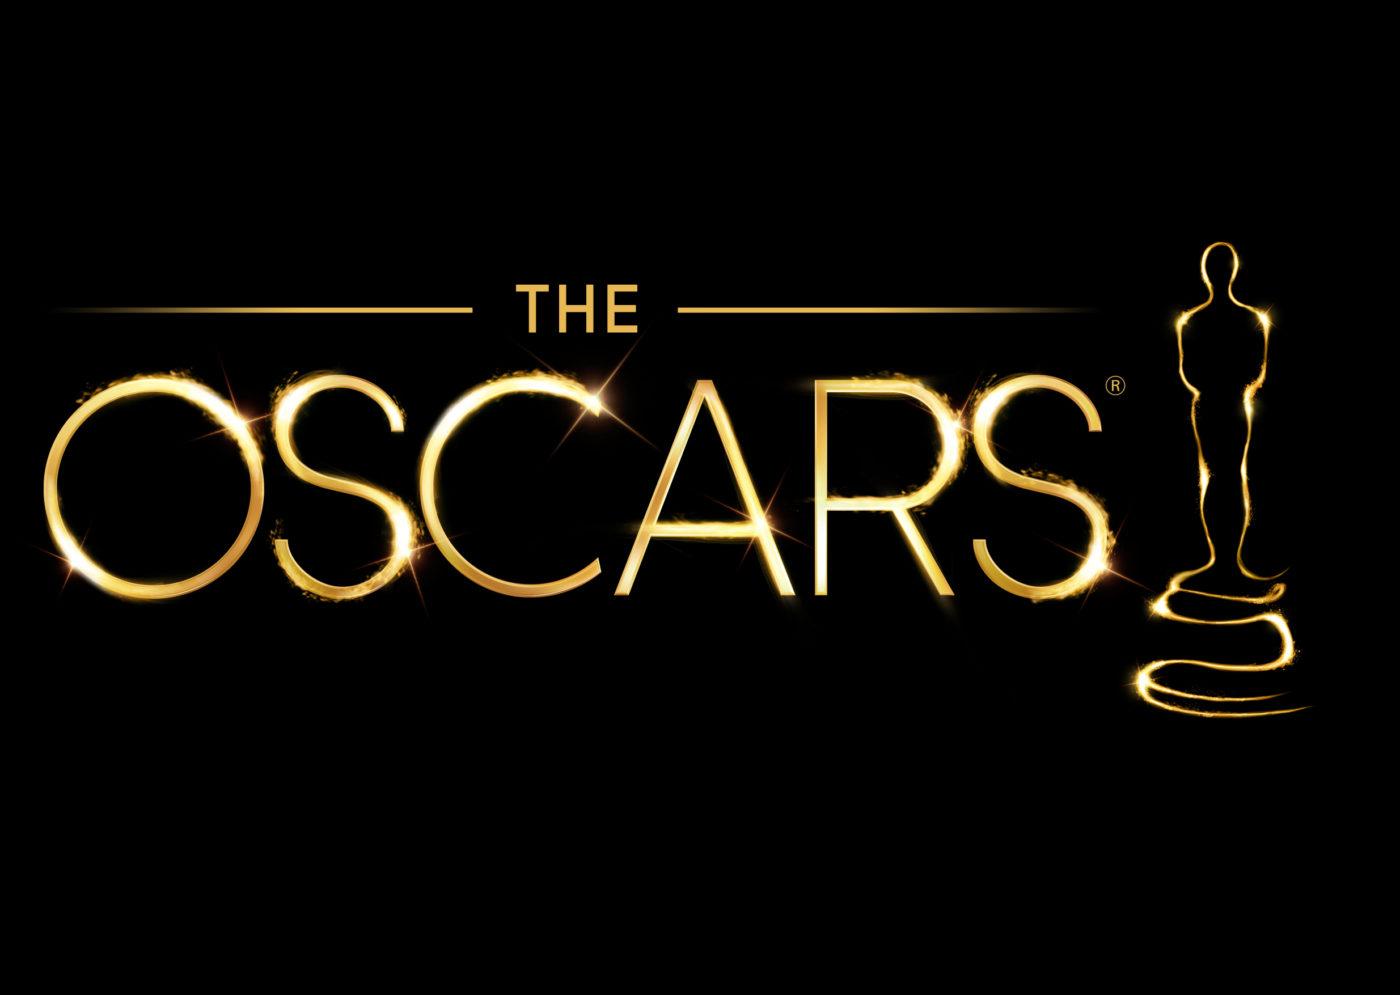 The 86th Academy Awards® will air live on Oscar® Sunday, February 24, 2013.